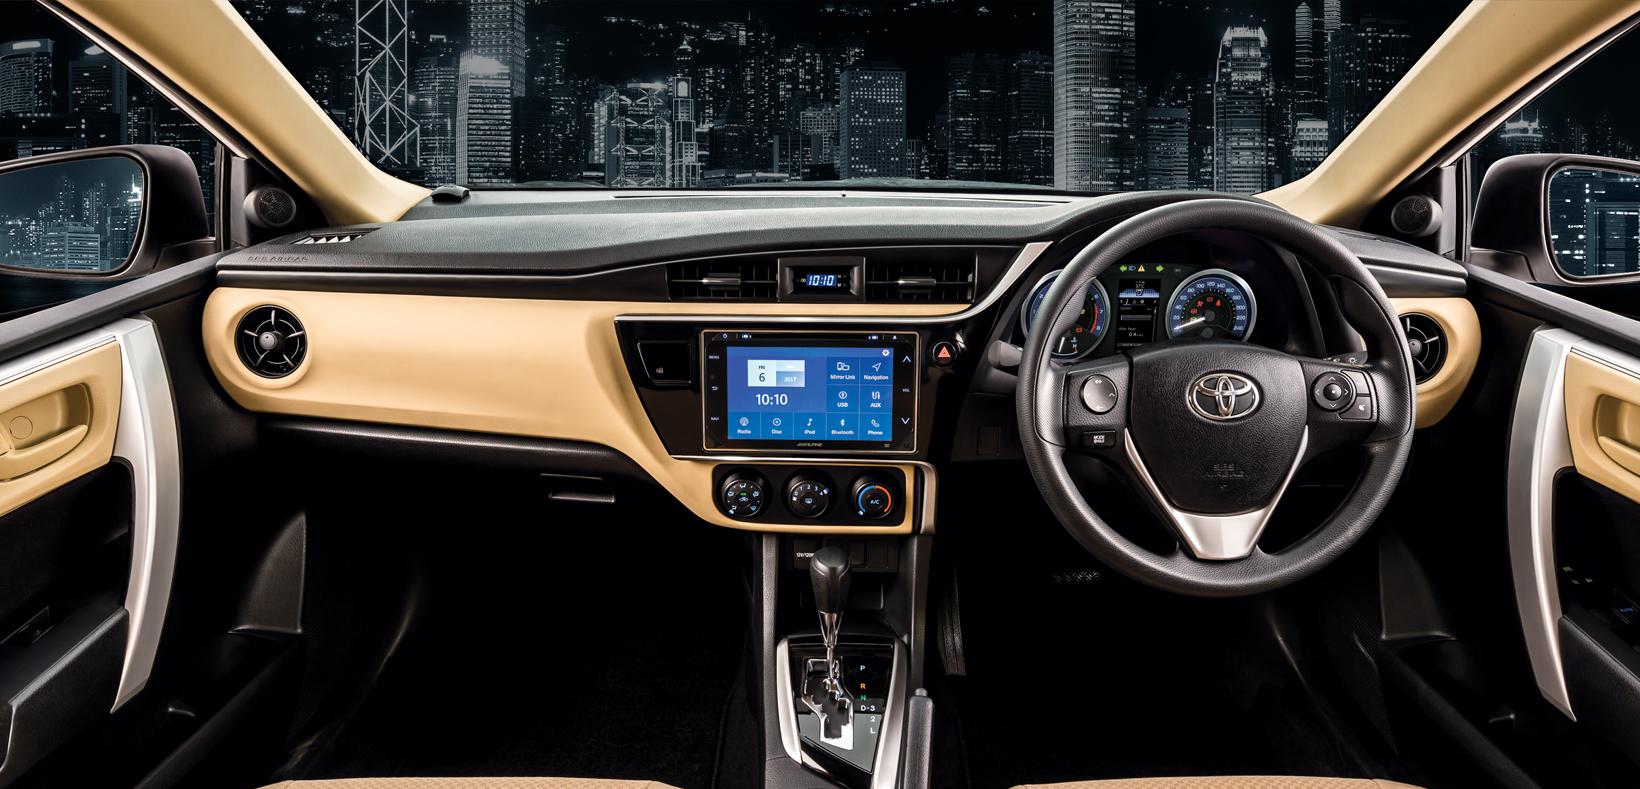 Toyota Corolla Altis Automatic 1.6 2021 Interior